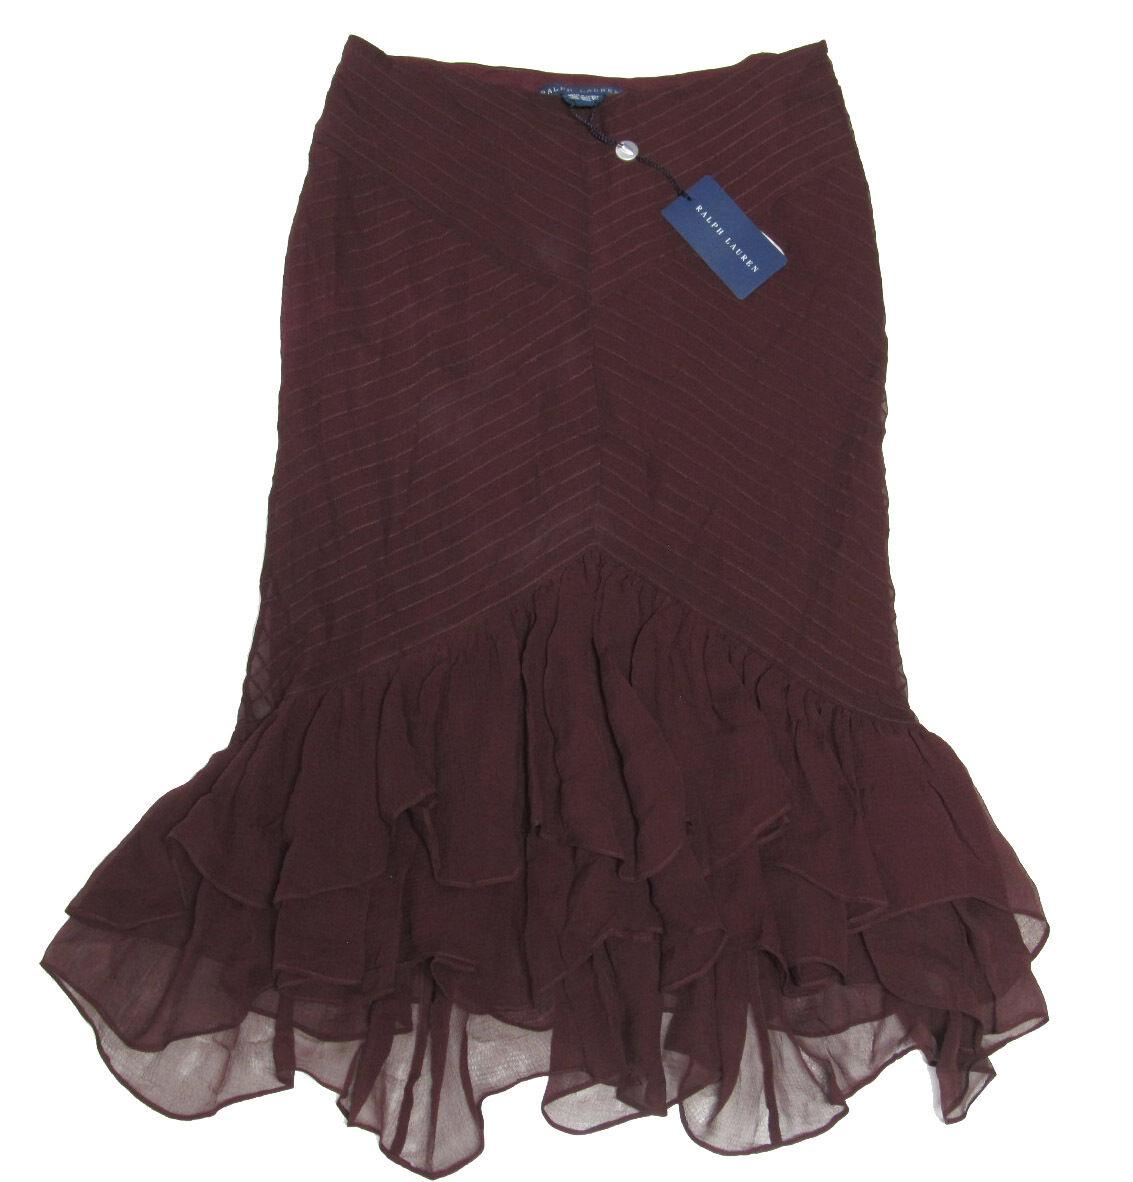 498 Polo Ralph Lauren Womens Ruffle Sheer Silk A Line Peplum Skirt New 4 6 8